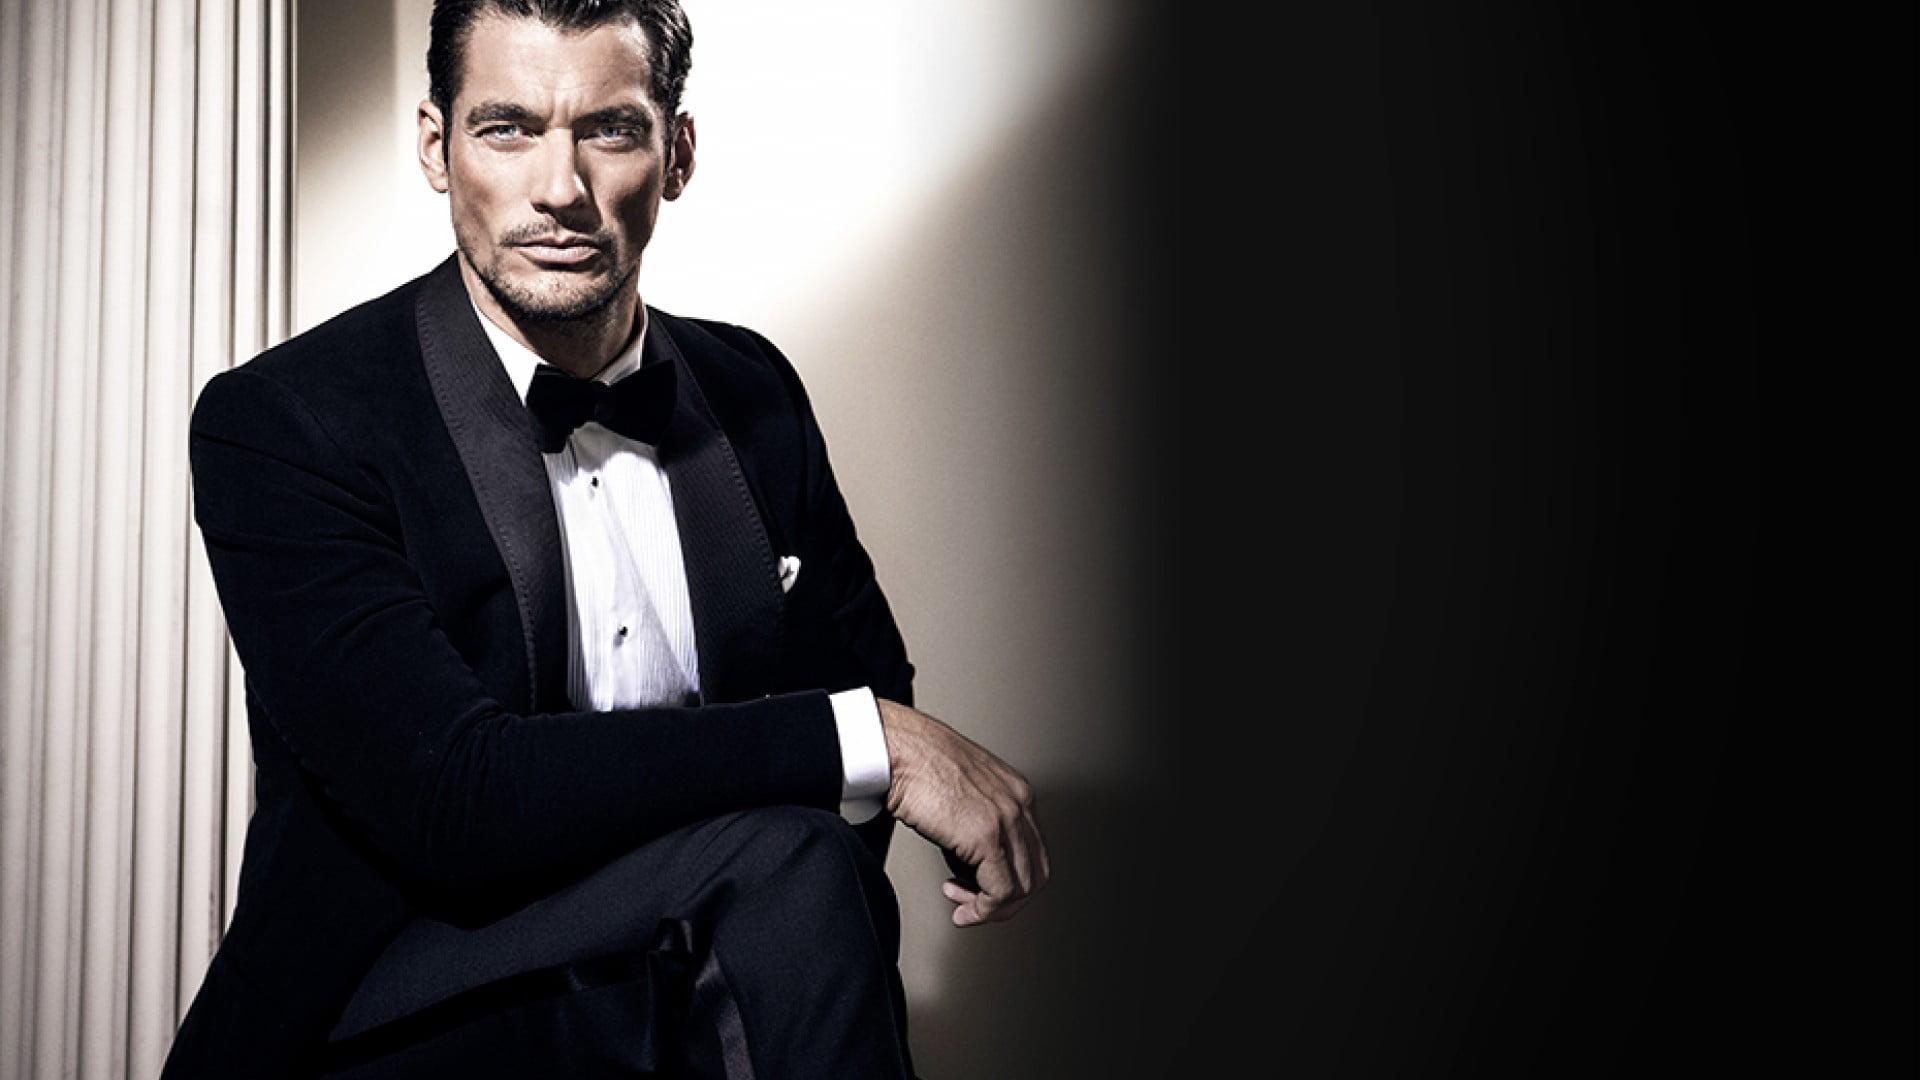 قواعد شیک پوشی به روایت مدل بریتانیایی، دیوید گندی